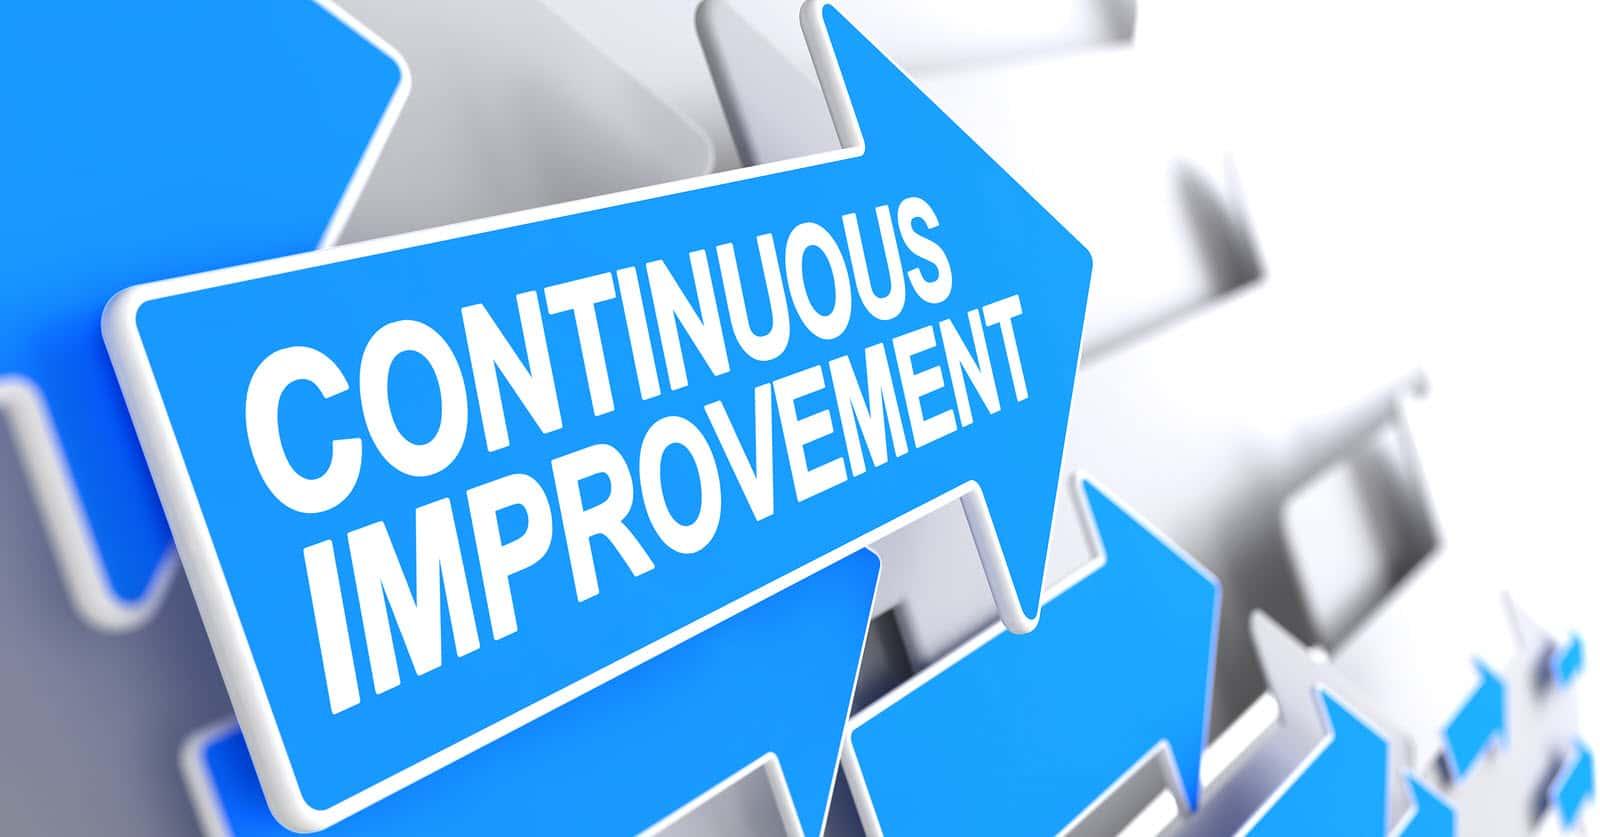 O que a melhoria contínua tem a ver com a qualidade?